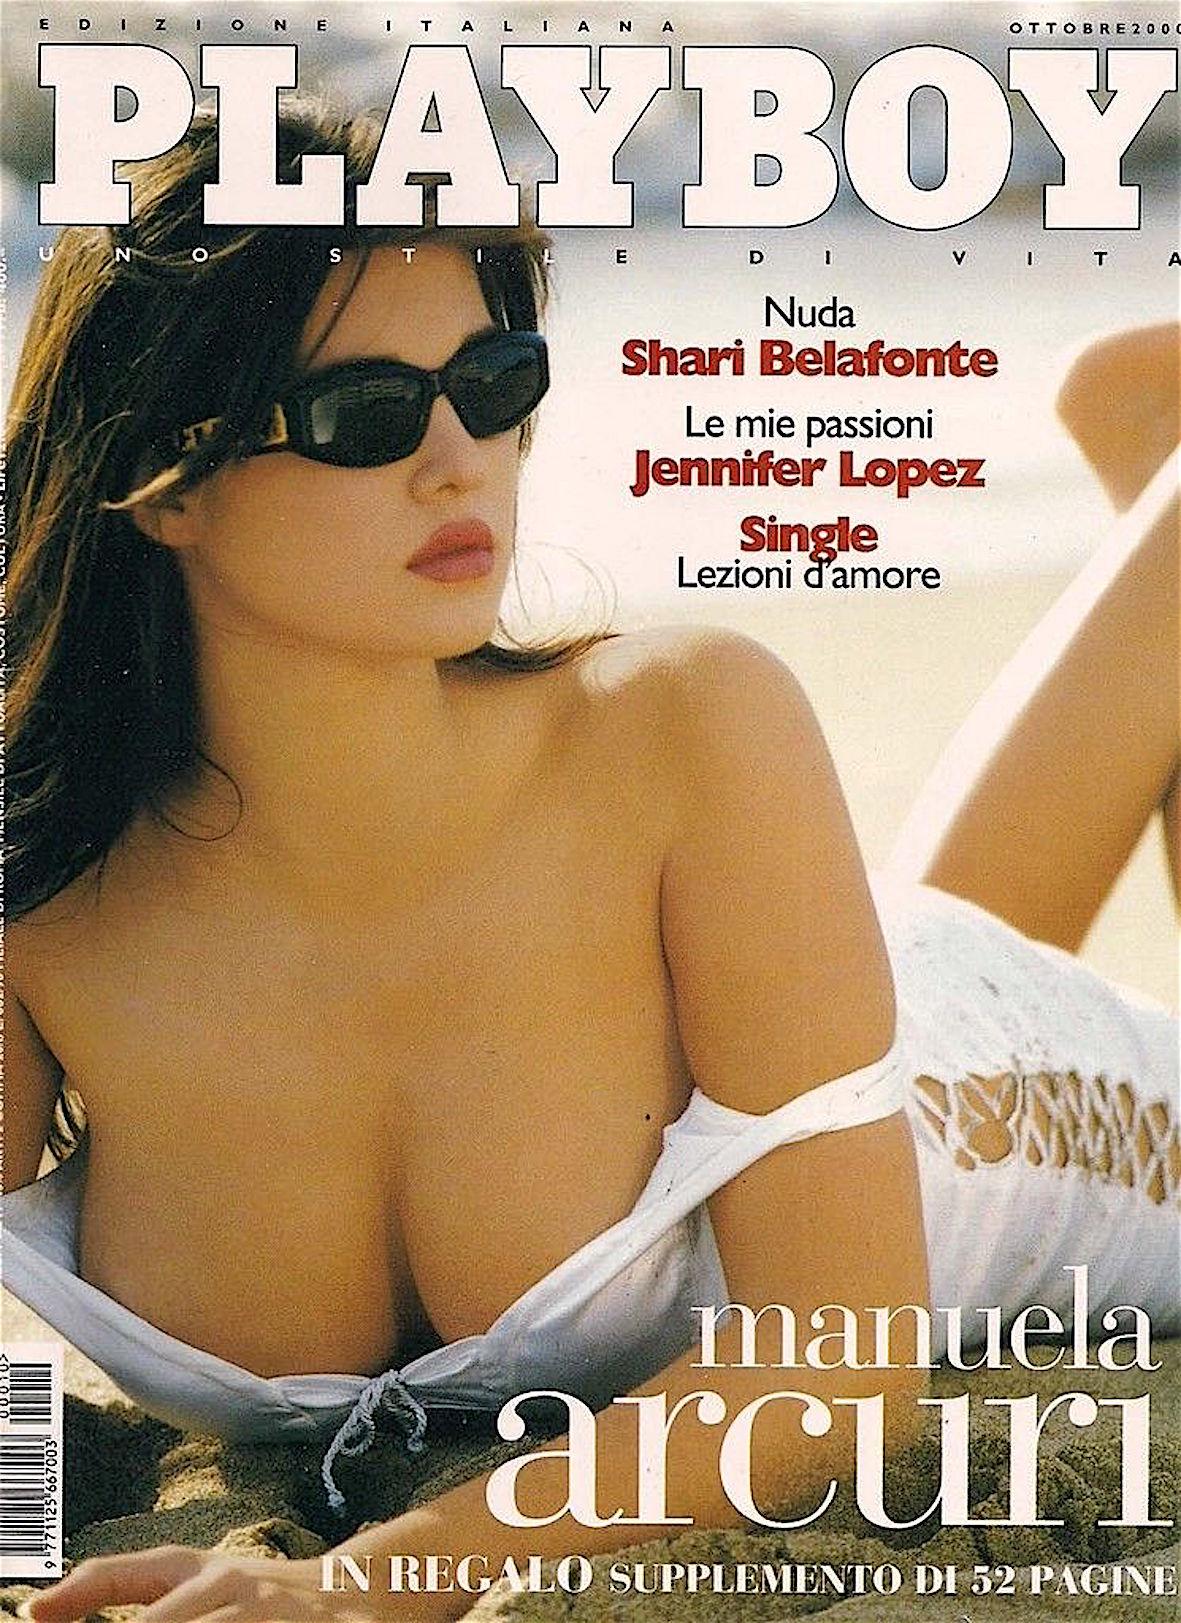 Nuda Calendario.Manuela Arcuri Qui Con Scheda E Tante Foto Di Ieri E Oggi